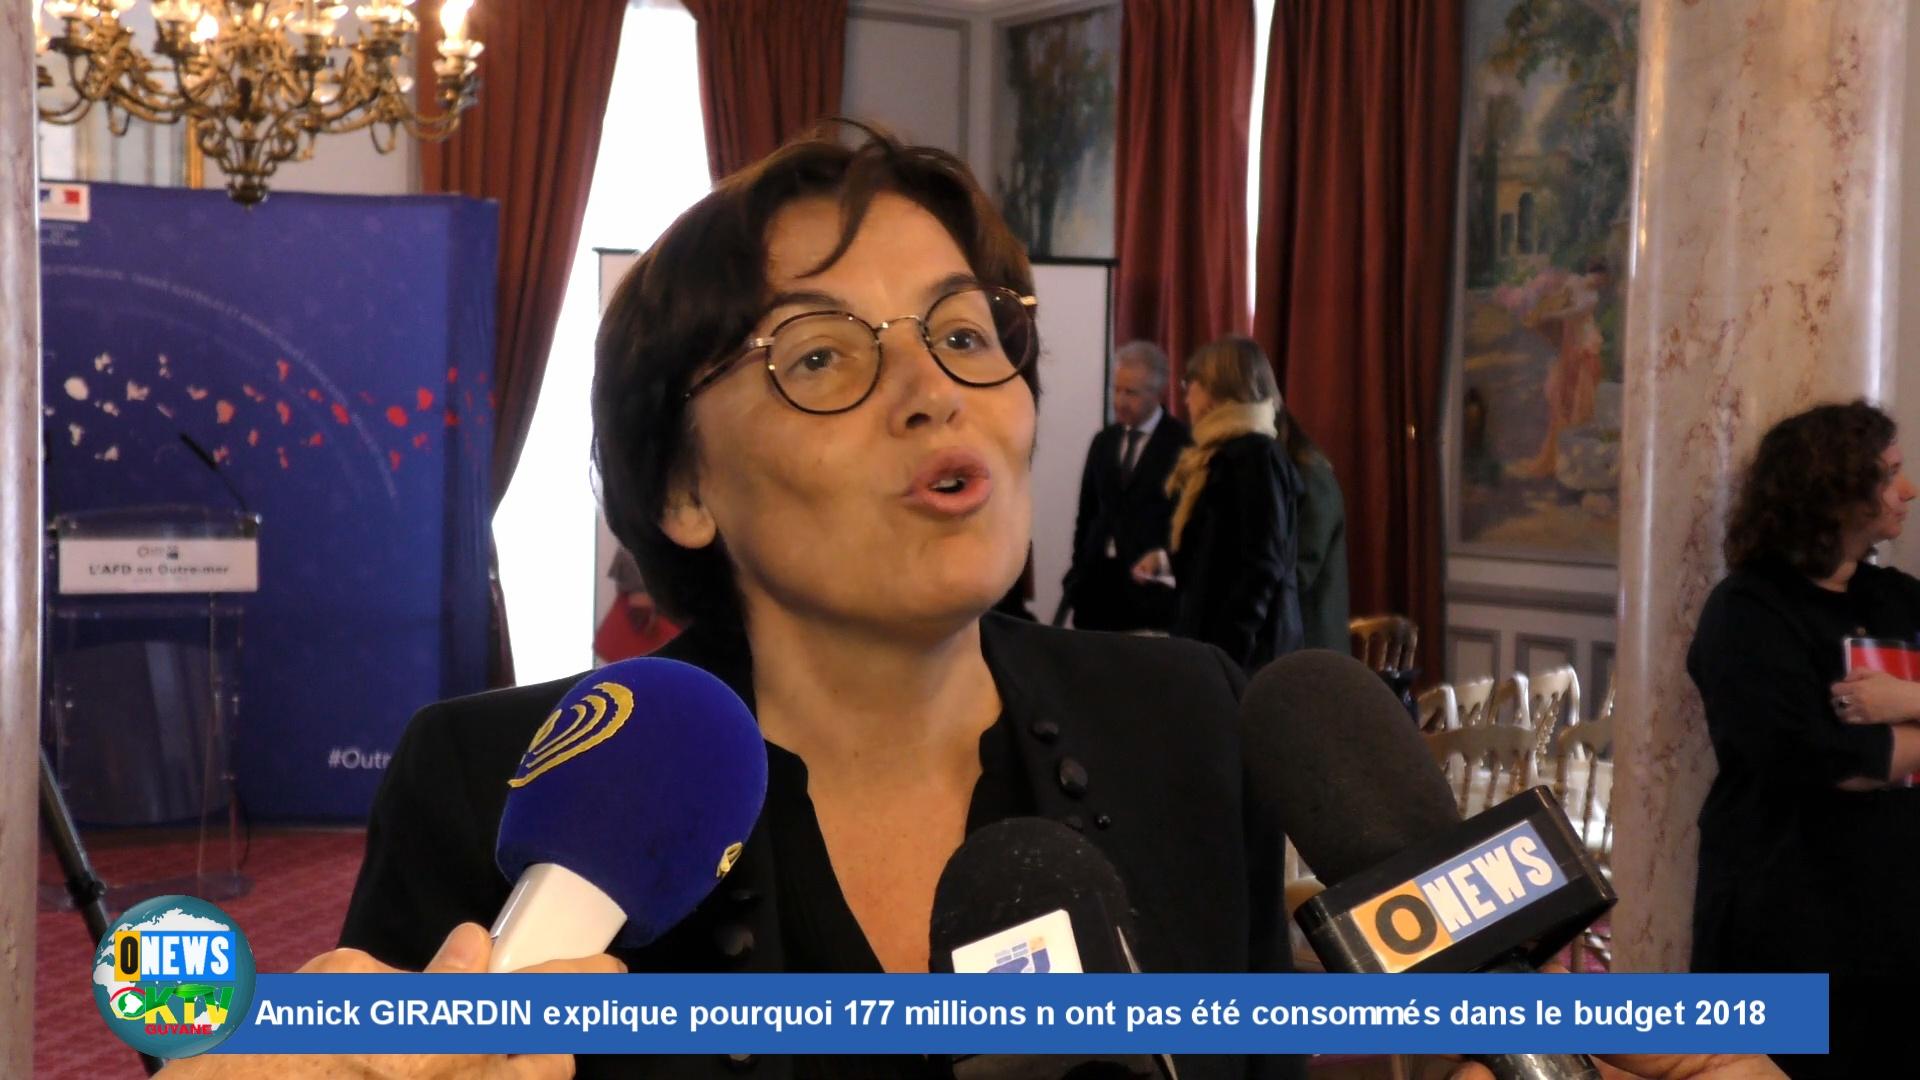 [Vidéo] HEXAGONE. Annick GIRARDIN Ministre des Outre mer explique pourquoi 177 millions n ont pas été consommés dans le budget 2018